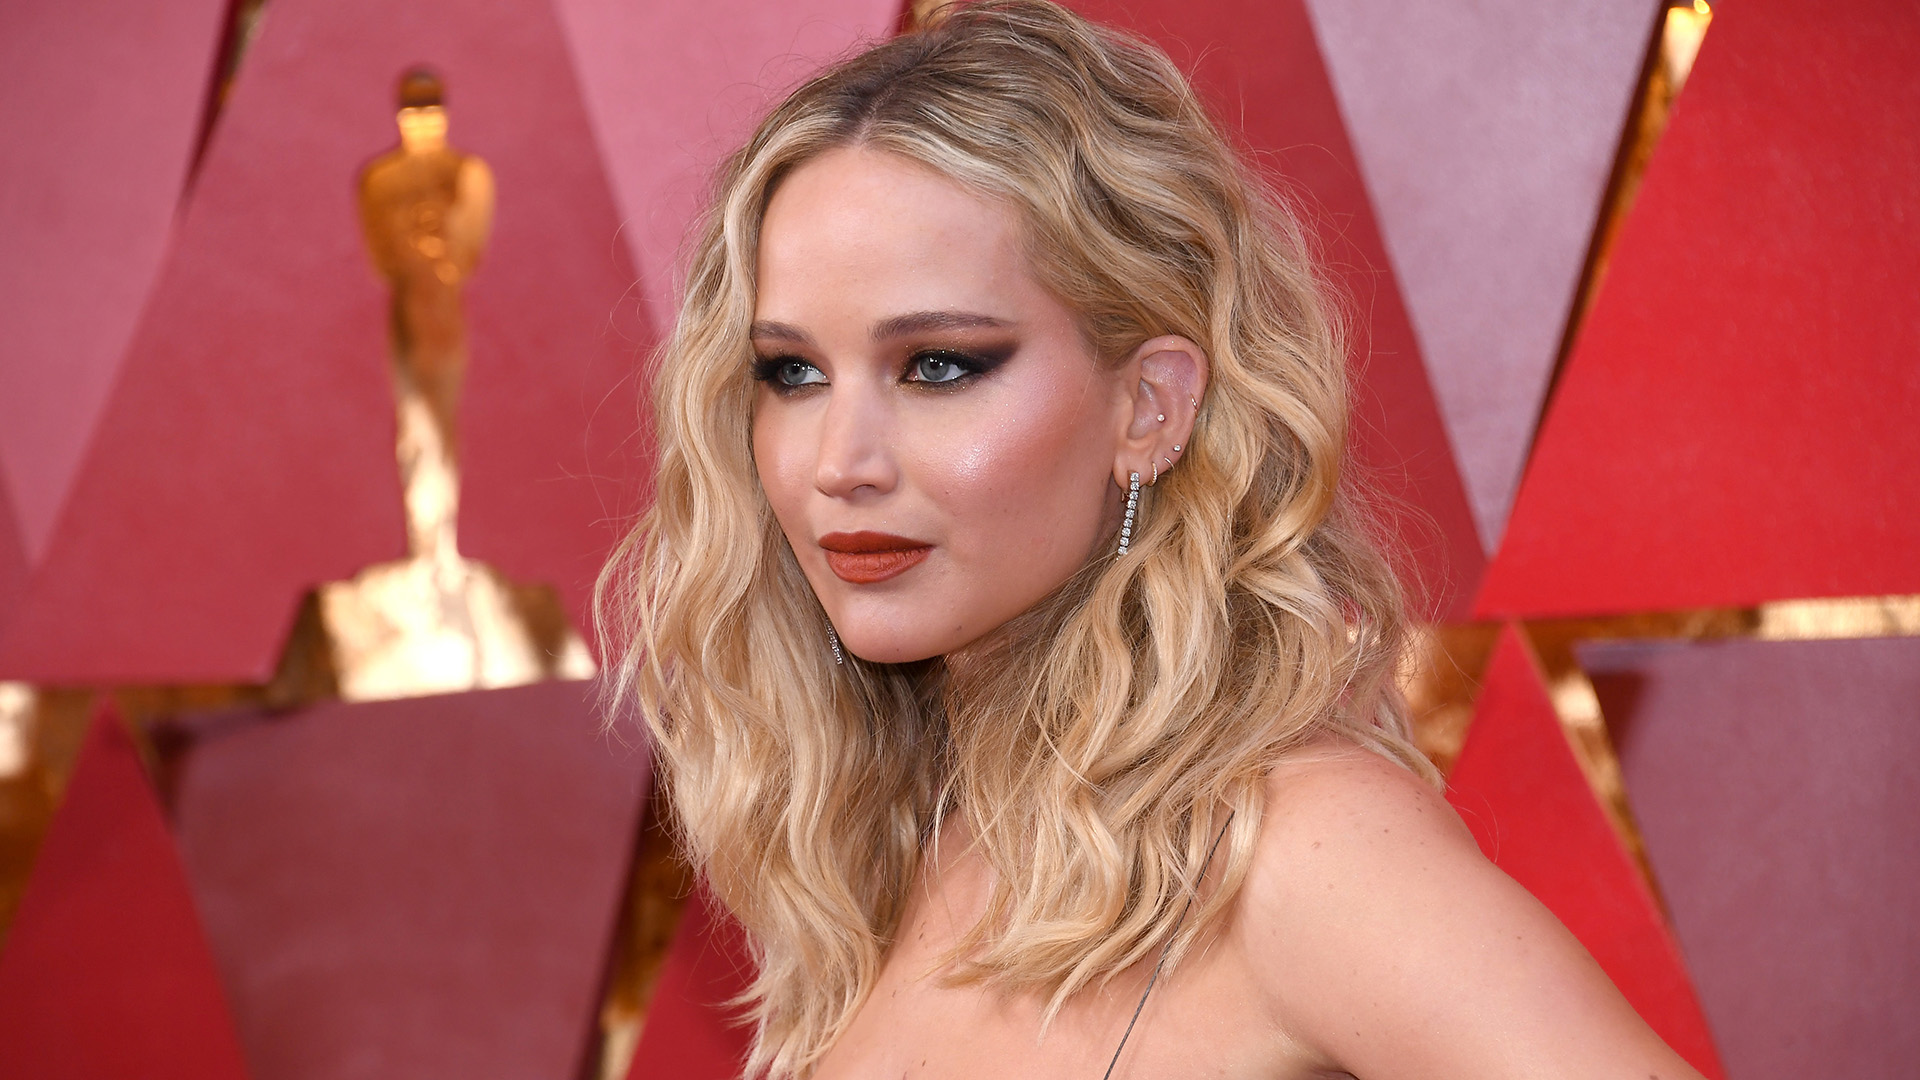 Jennifer Lawrence Stuns in a Majorly Deep V-Neck Dress | StyleCaster